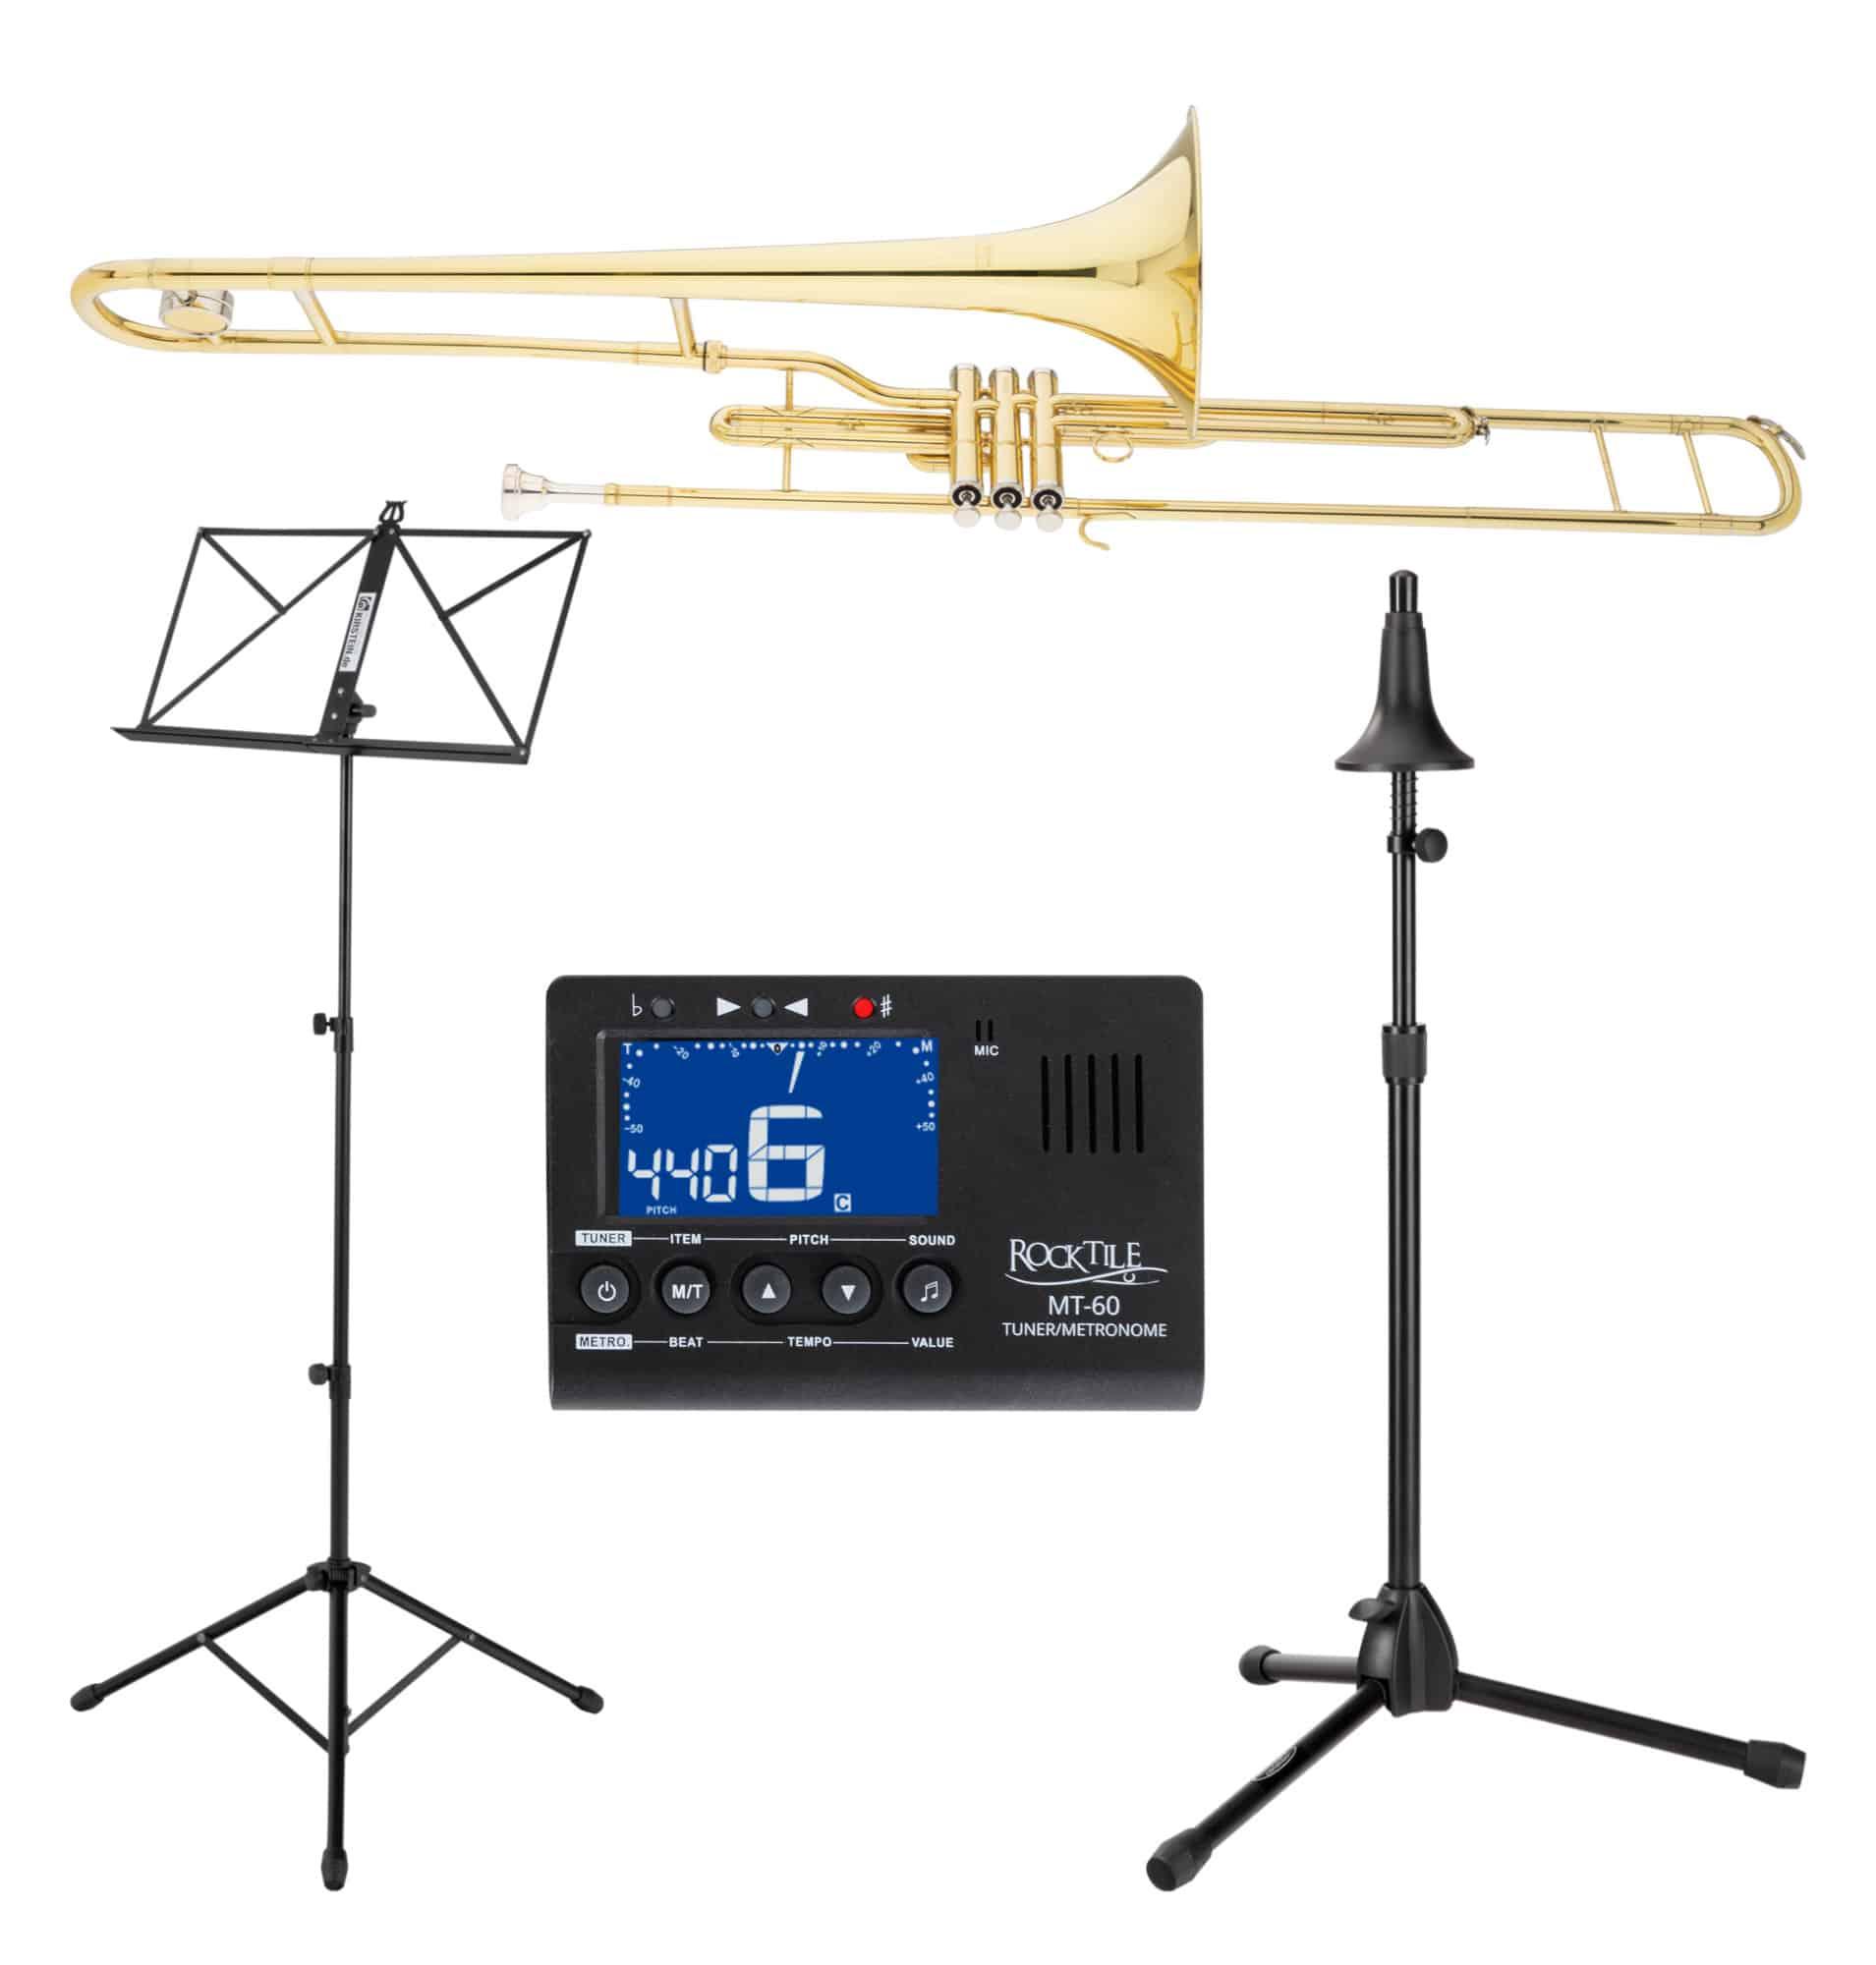 Posaunen - Classic Cantabile Brass VP 16 Ventilposaune Set incl. Metronom, Notenständer, Posaunenständer - Onlineshop Musikhaus Kirstein